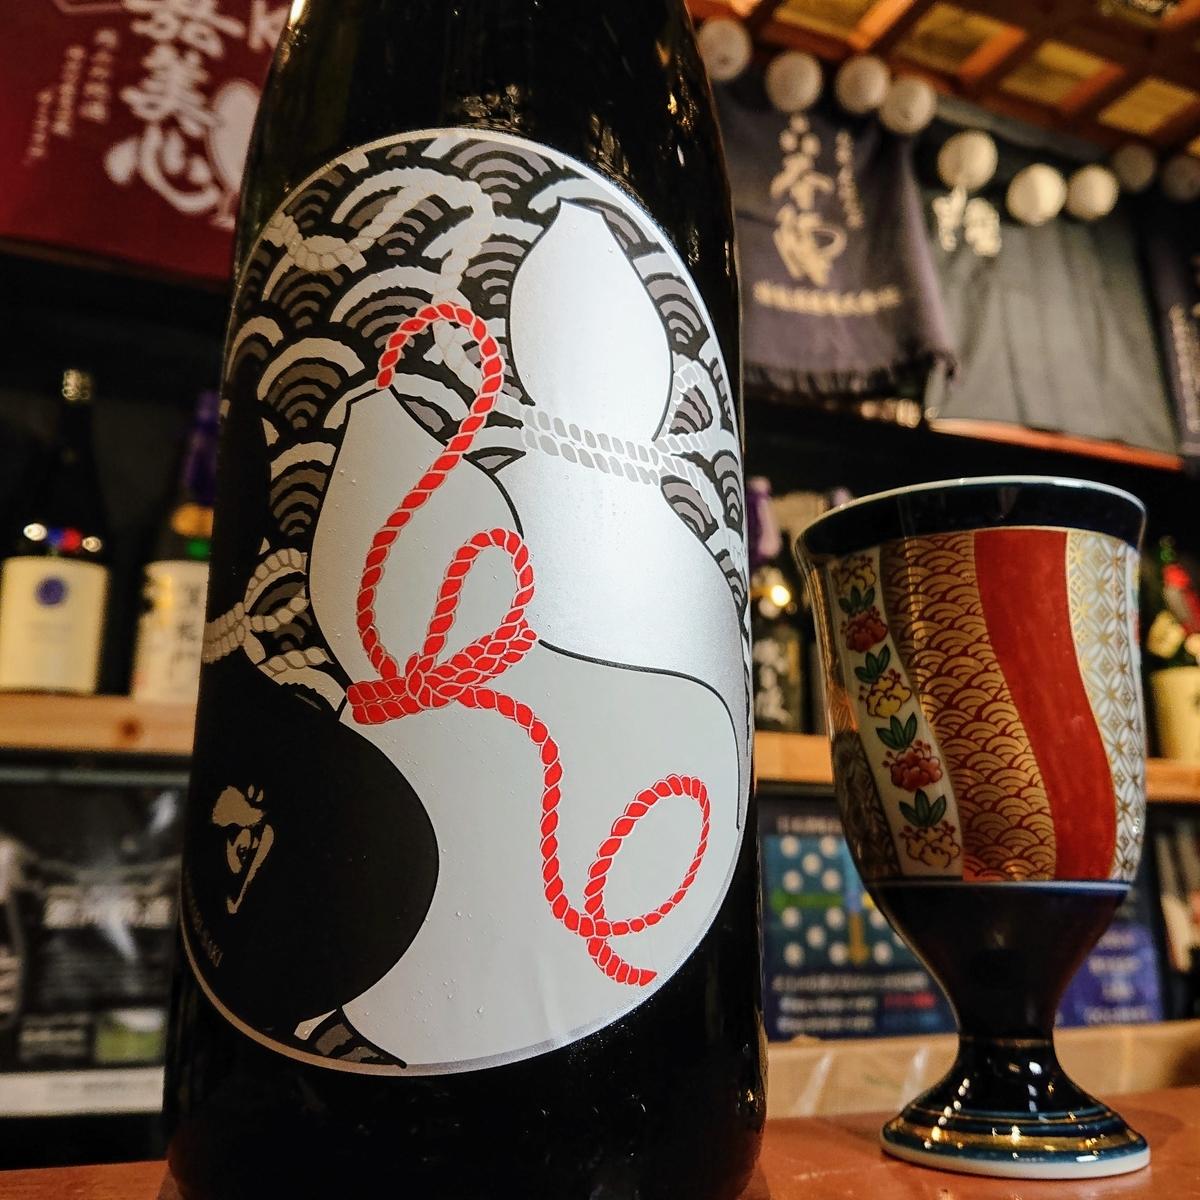 黒木メイサさん的なモダンでシャープな古伊万里前(さき)モノクロームプラス再入荷!佐世保唯一の日本酒専門バータイム